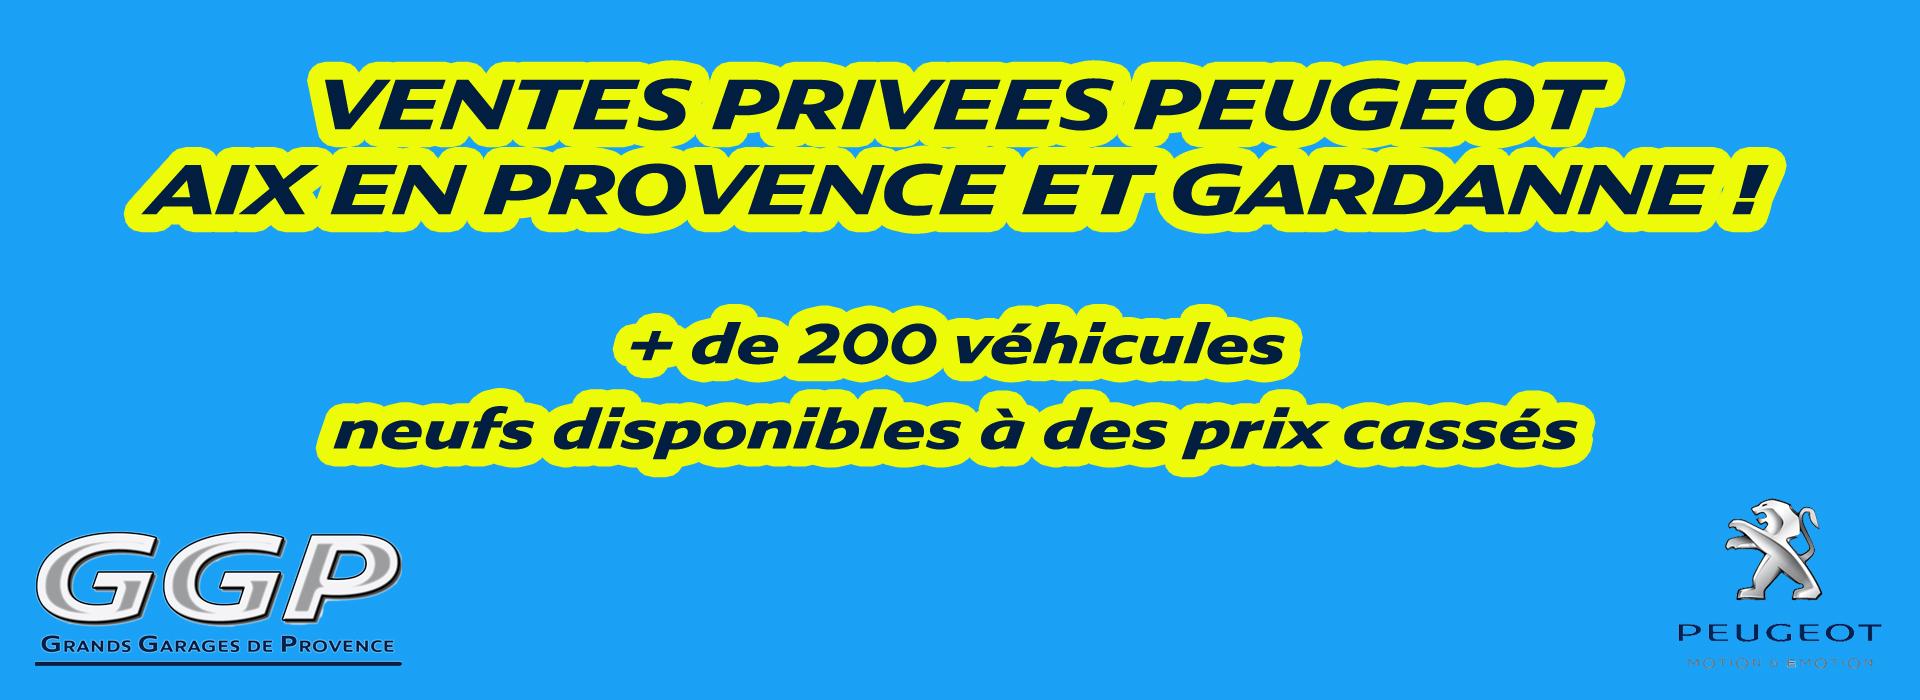 Ventes Privées Peugeot